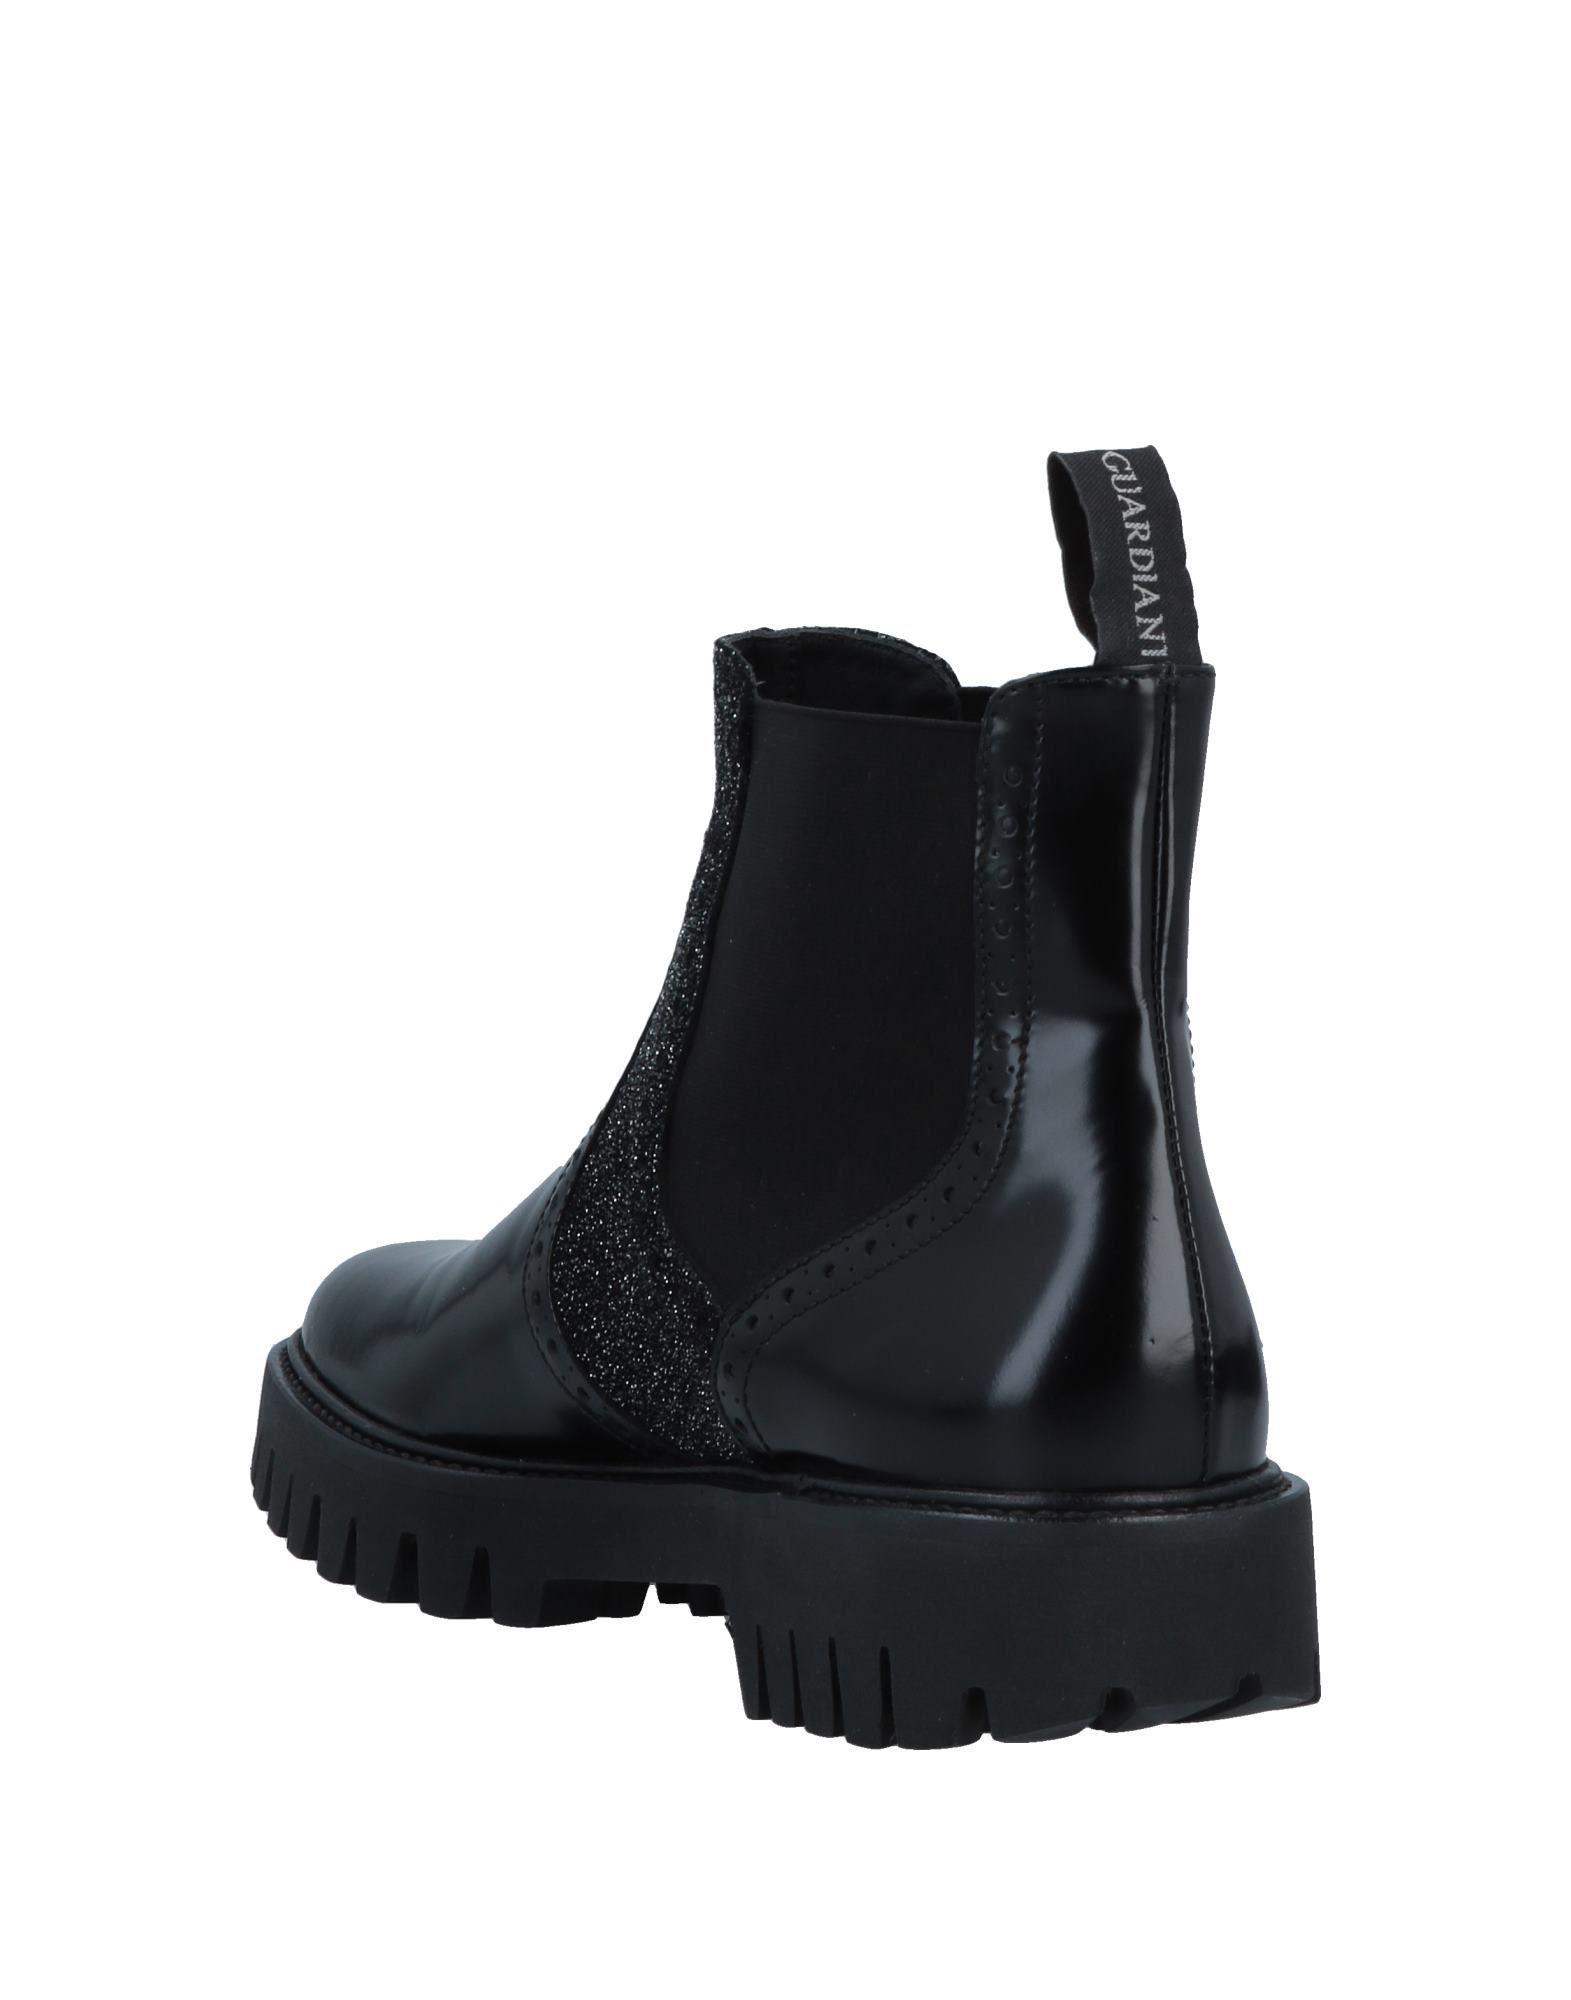 e0a56b8ecc159 Lyst - Alberto Guardiani Ankle Boots in Black